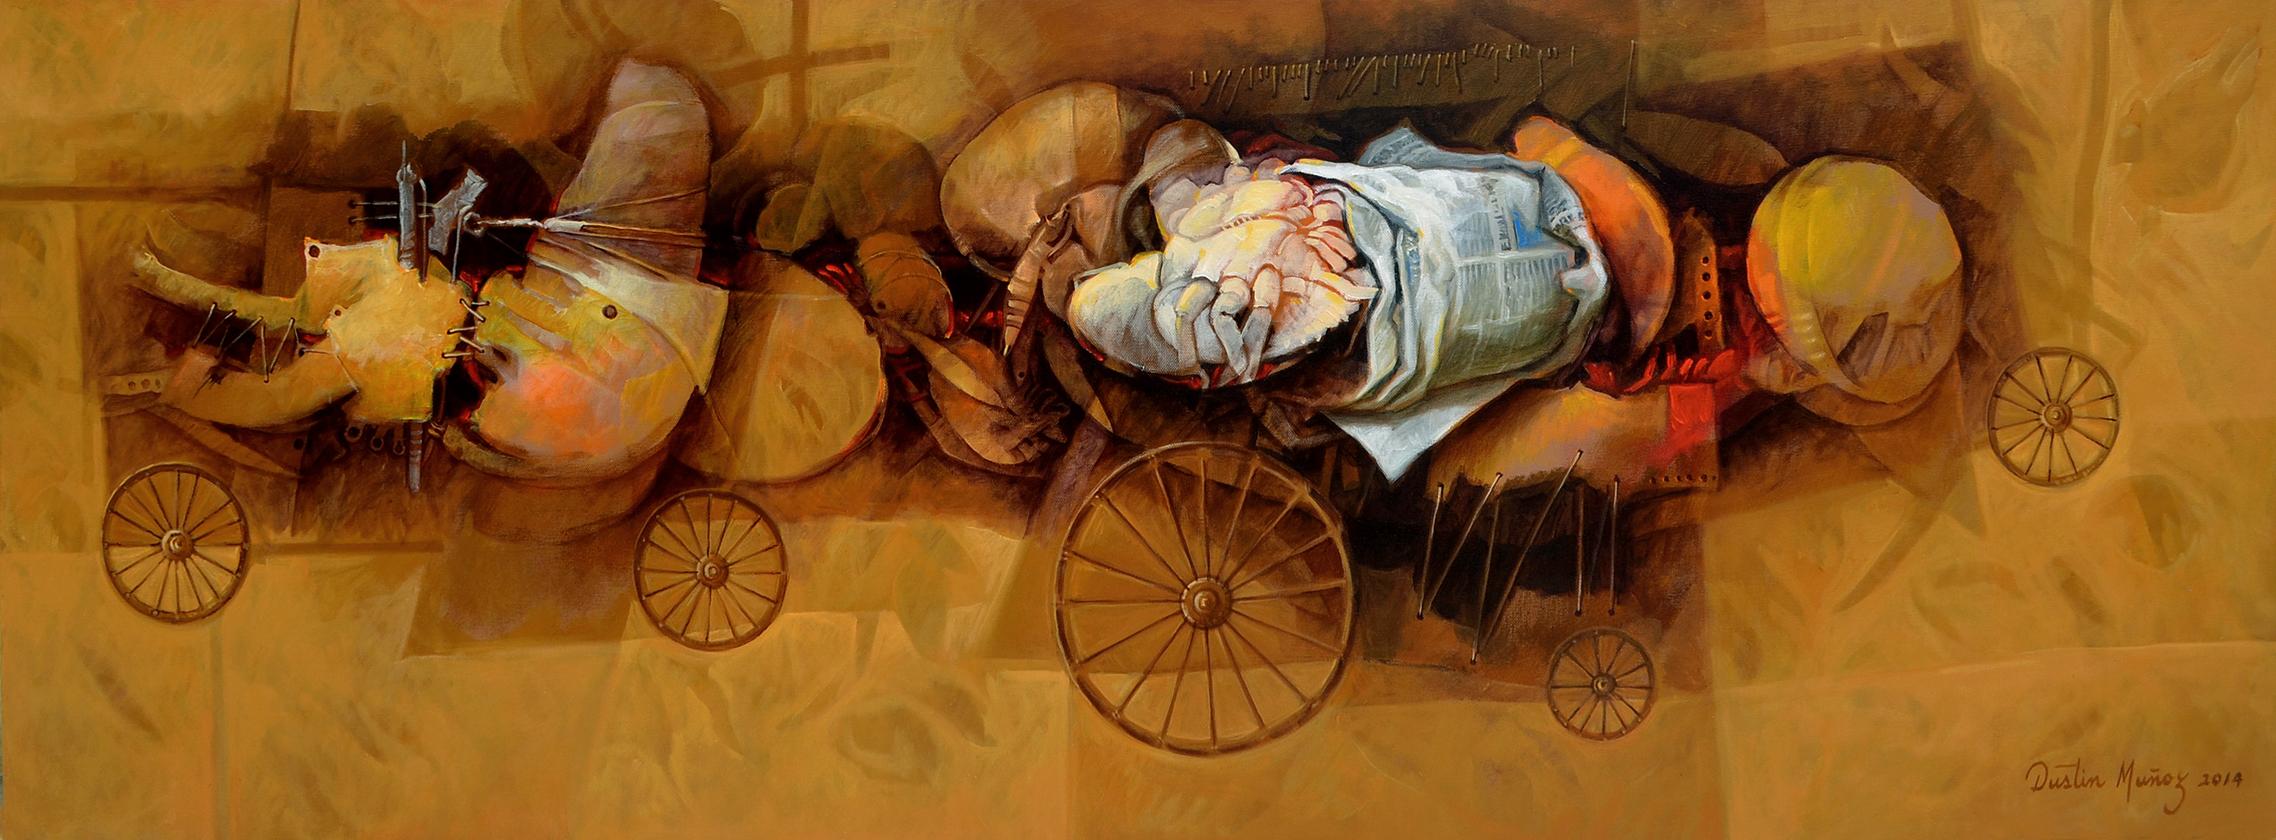 Absorbidos por la prensa, 22x60 pulgs, Dustin Muñoz, 2014